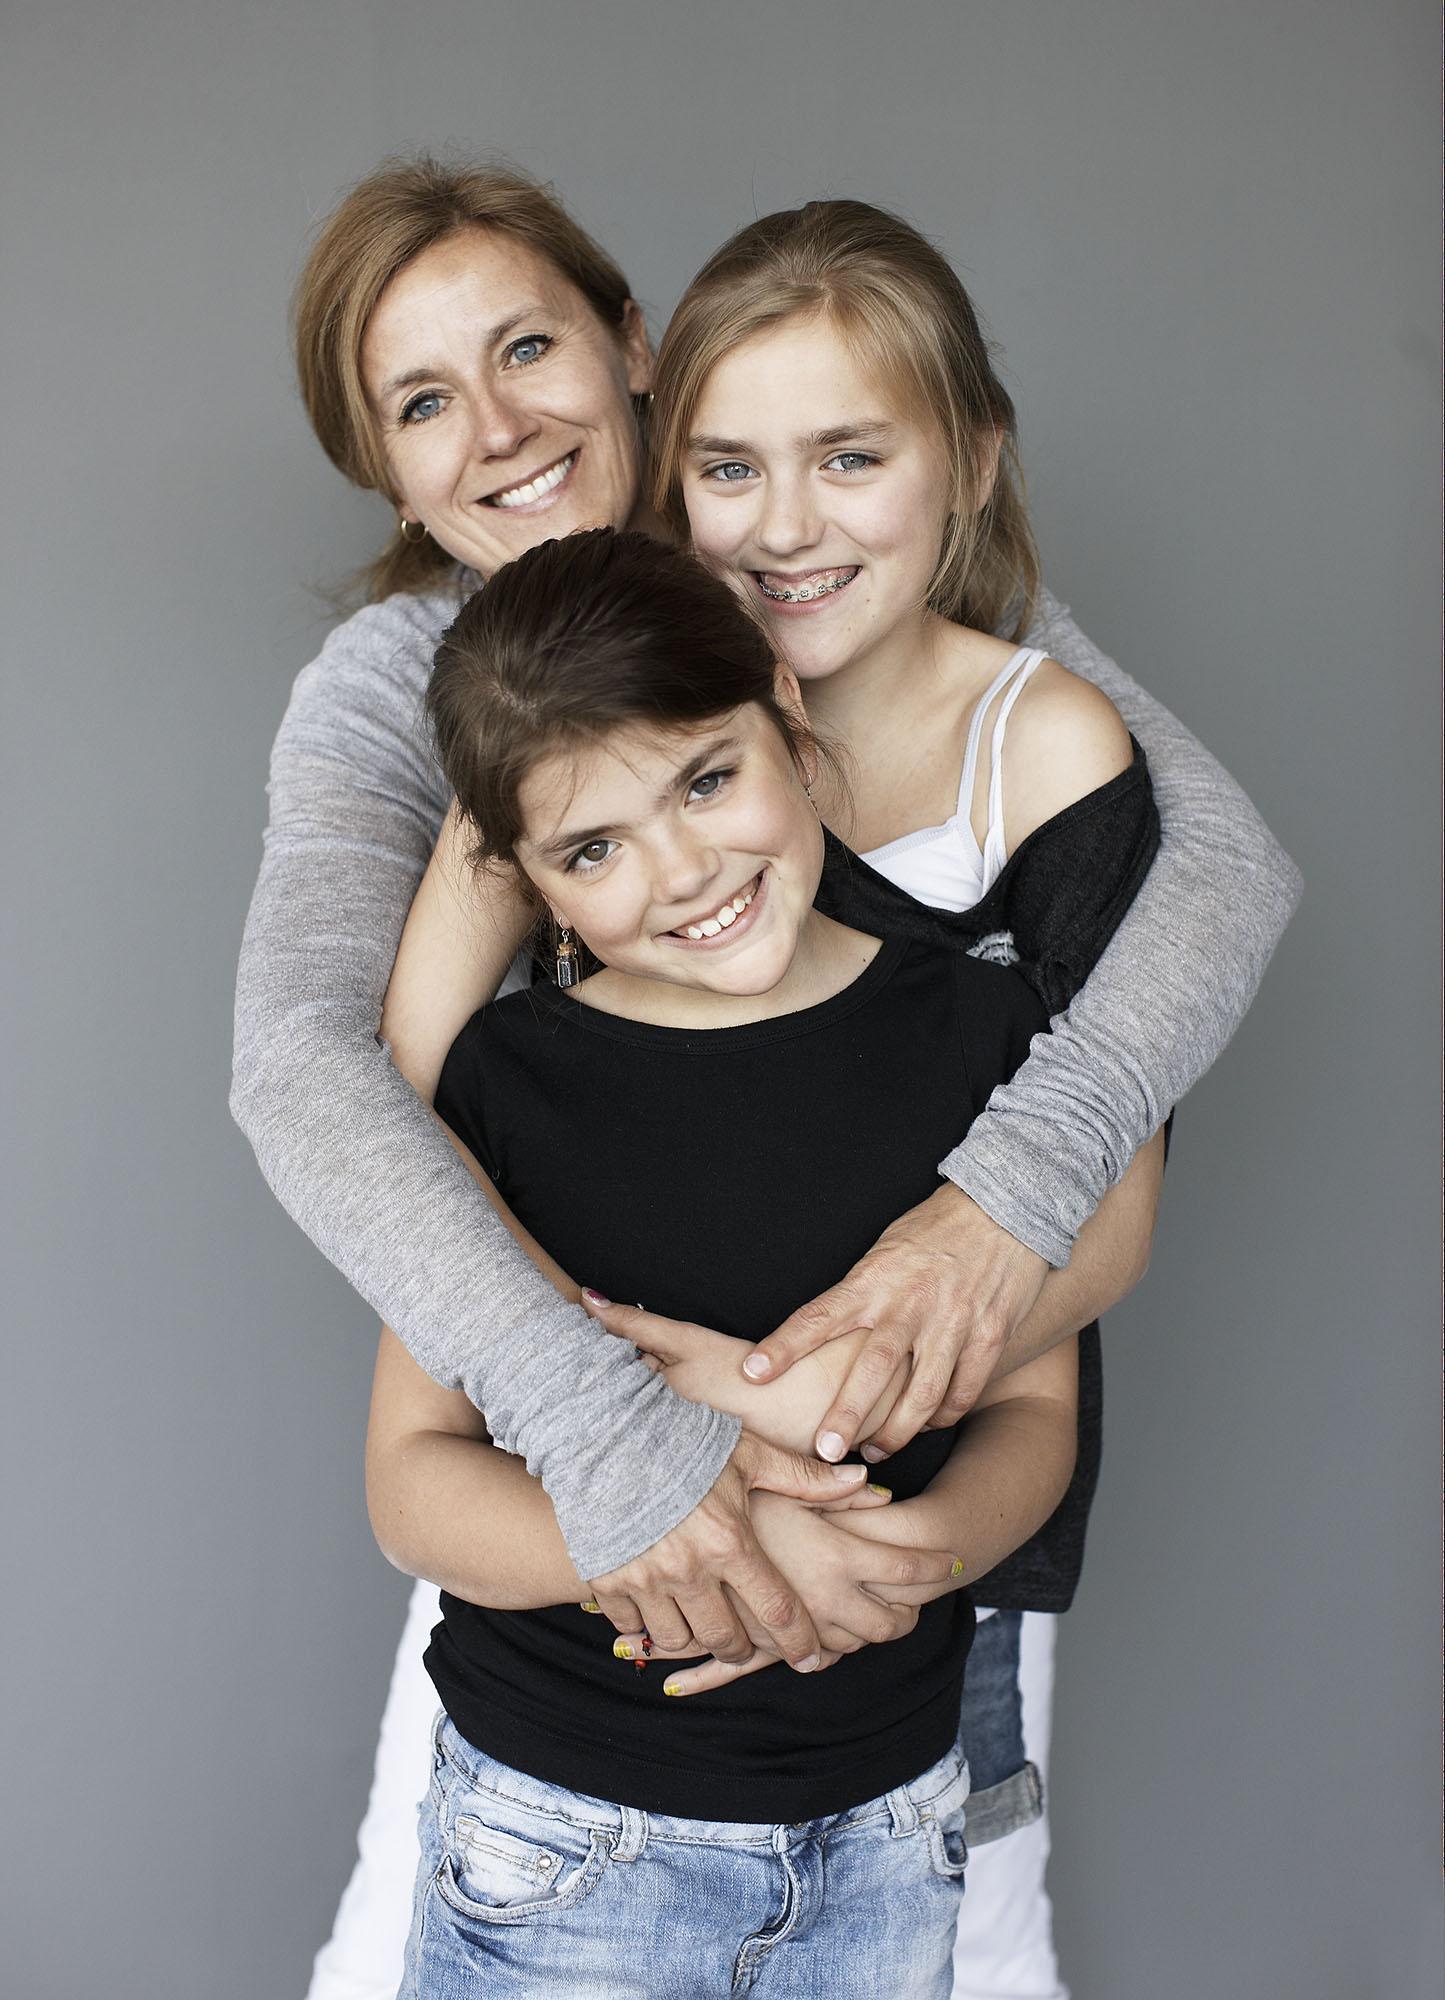 Mo en kids3 samen in armen copy.jpg